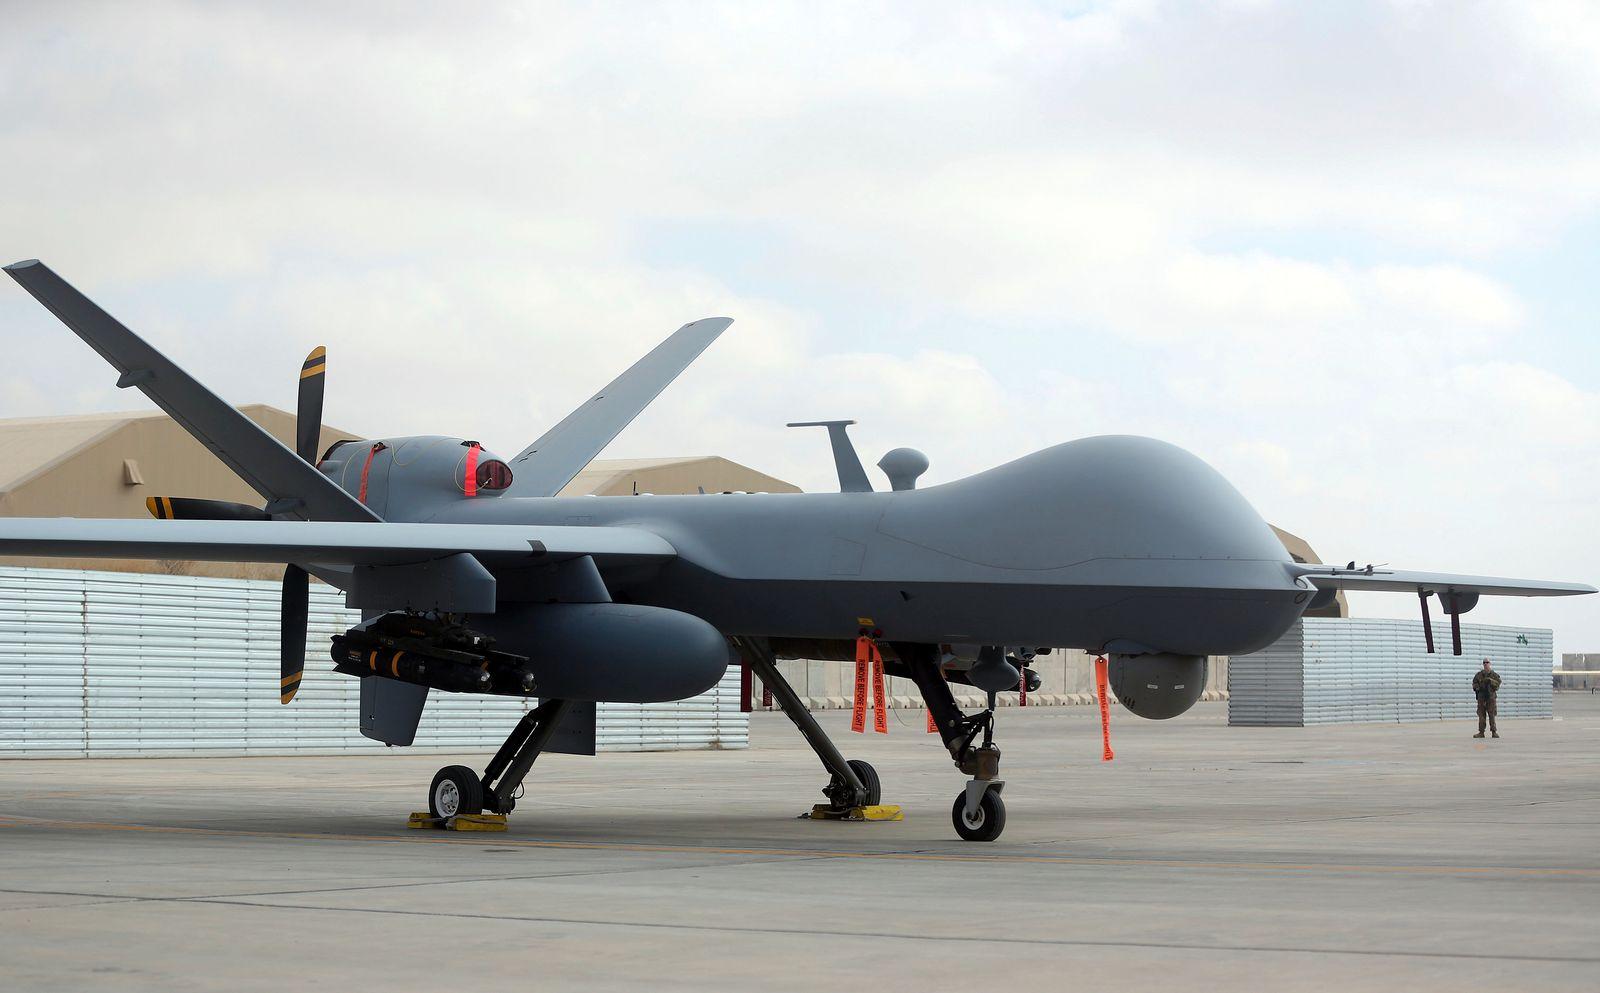 Konflikt in Afghanistan - Drohne MQ-9 Reaper